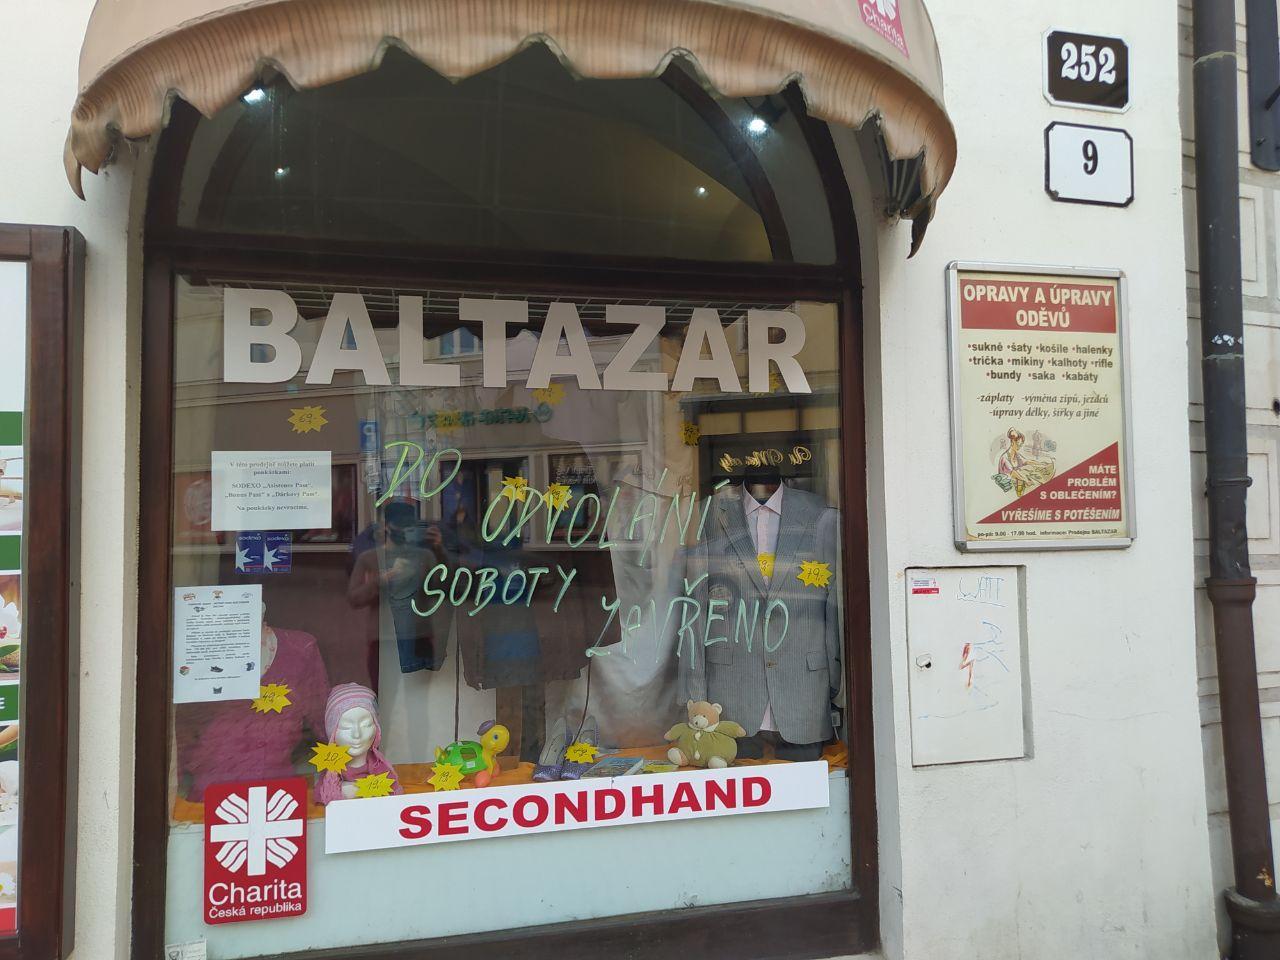 Od 14. března v Česku platí zákaz provozu kamenných obchodů s oblečením. Foto: Sára Jeschkeová